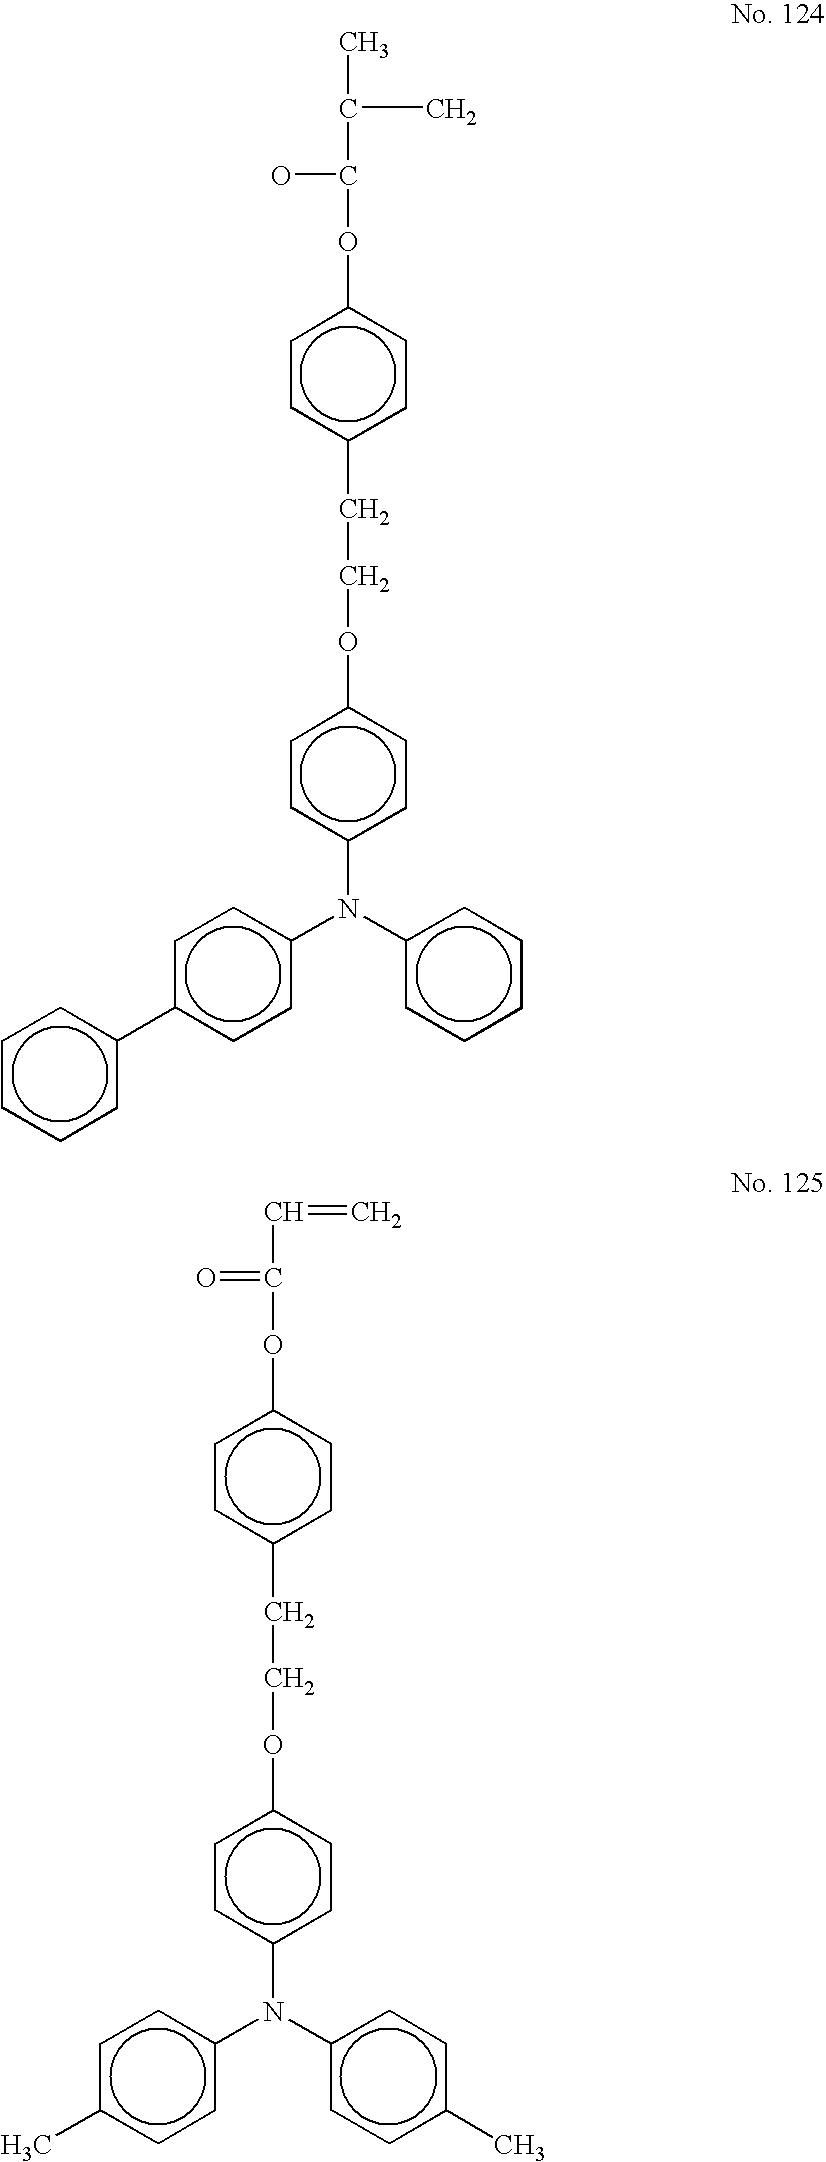 Figure US07361438-20080422-C00050